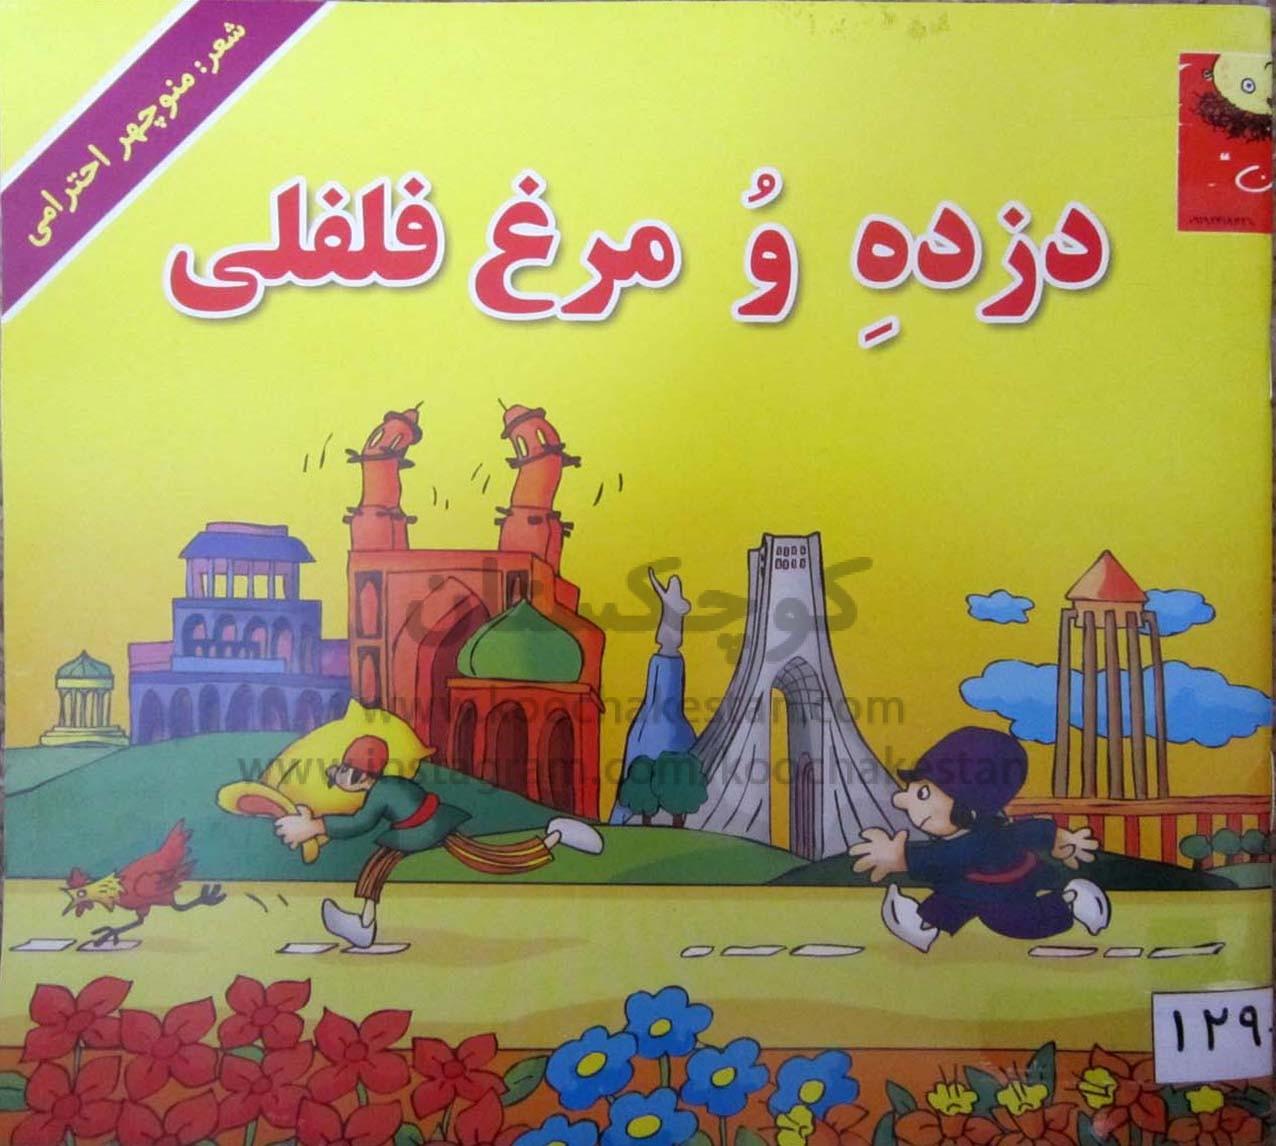 دزده و مرغ فلفلی - کتابخانه کودک - کوچکستان